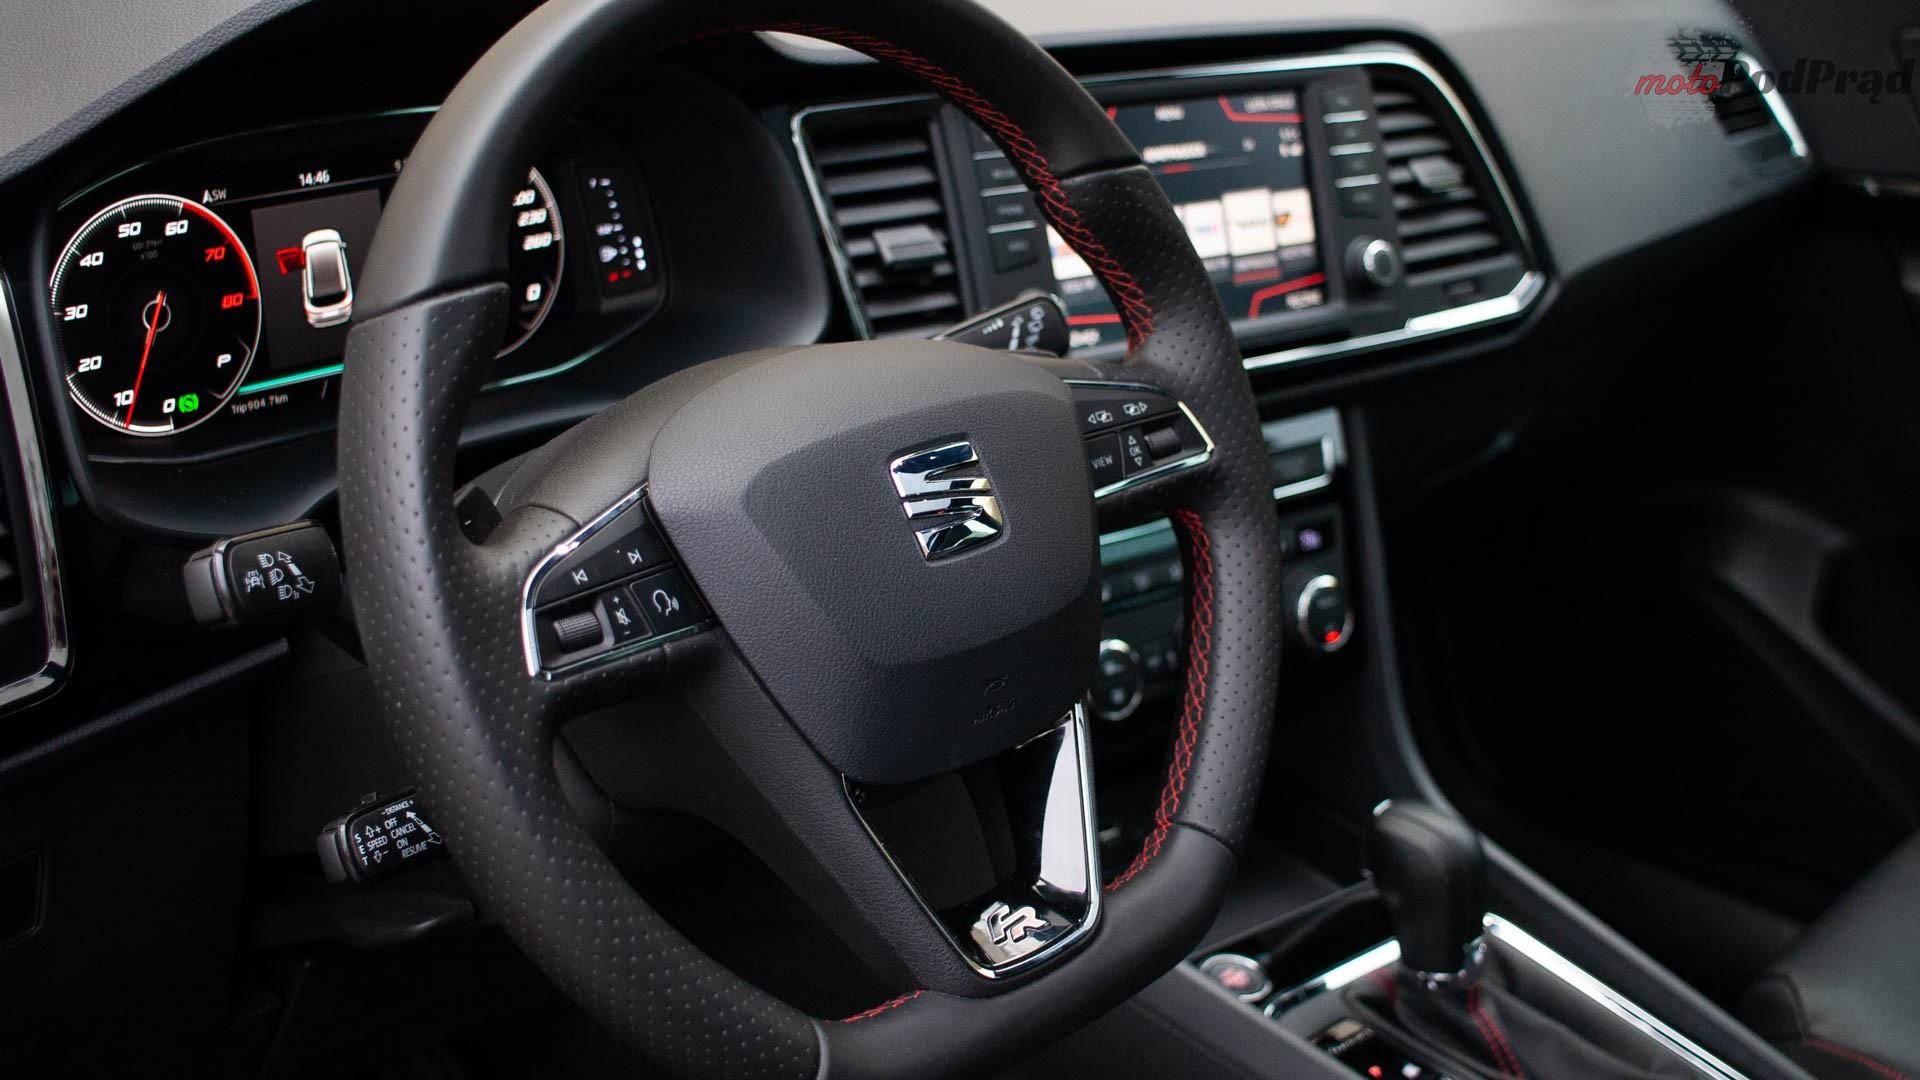 seat ateca 13 Test: Seat Ateca Fr 2.0 TSI 190 KM 4Drive – czy to ma sens?